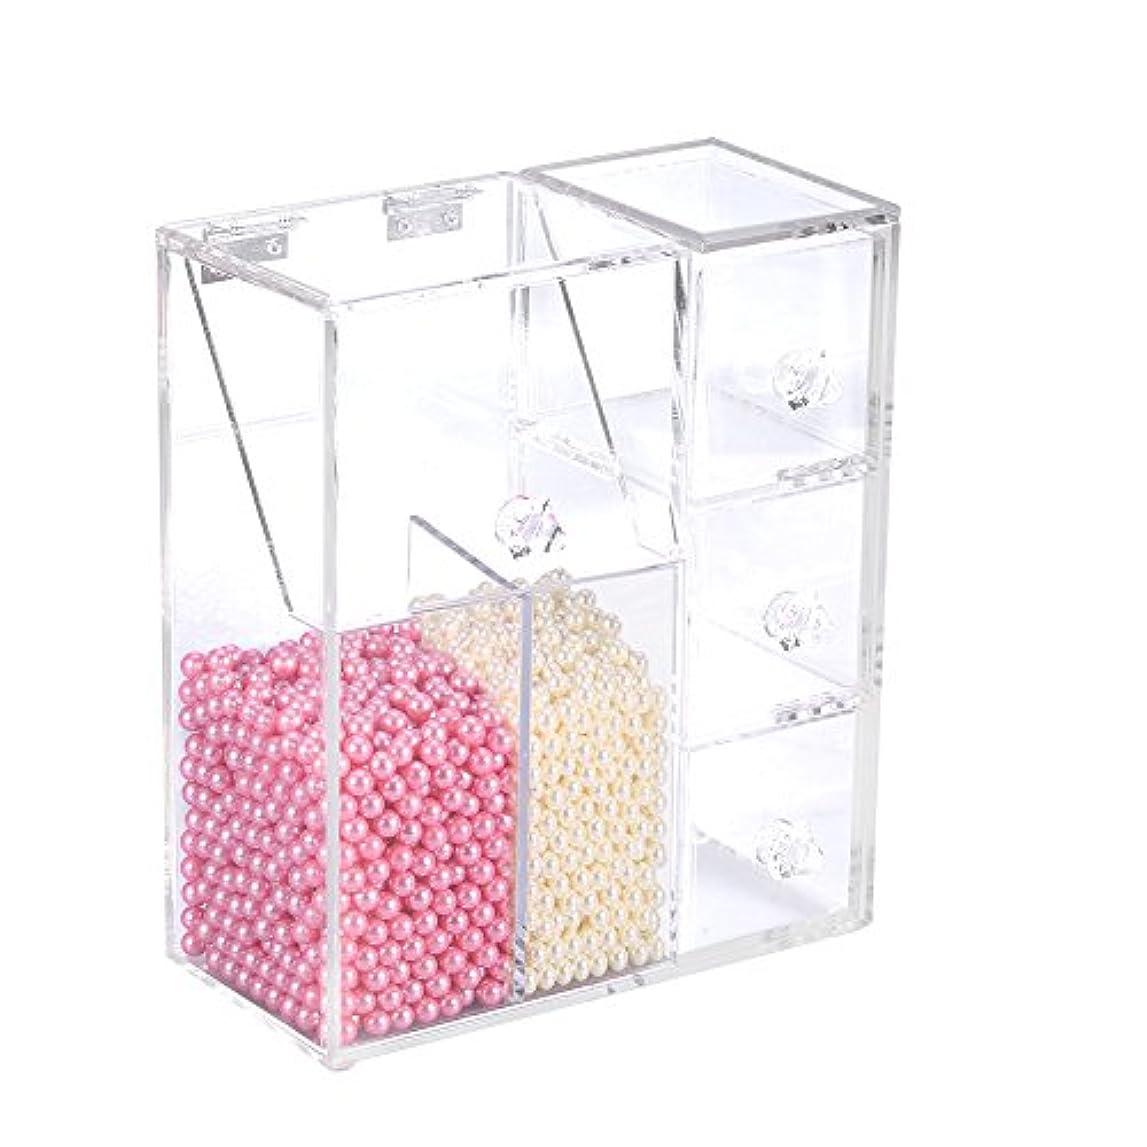 励起気体の月透明な化粧品収納オーガナイザー、化粧品オーガナイザー化粧ブラシ収納容器ケース、2つのブラシホルダー付き